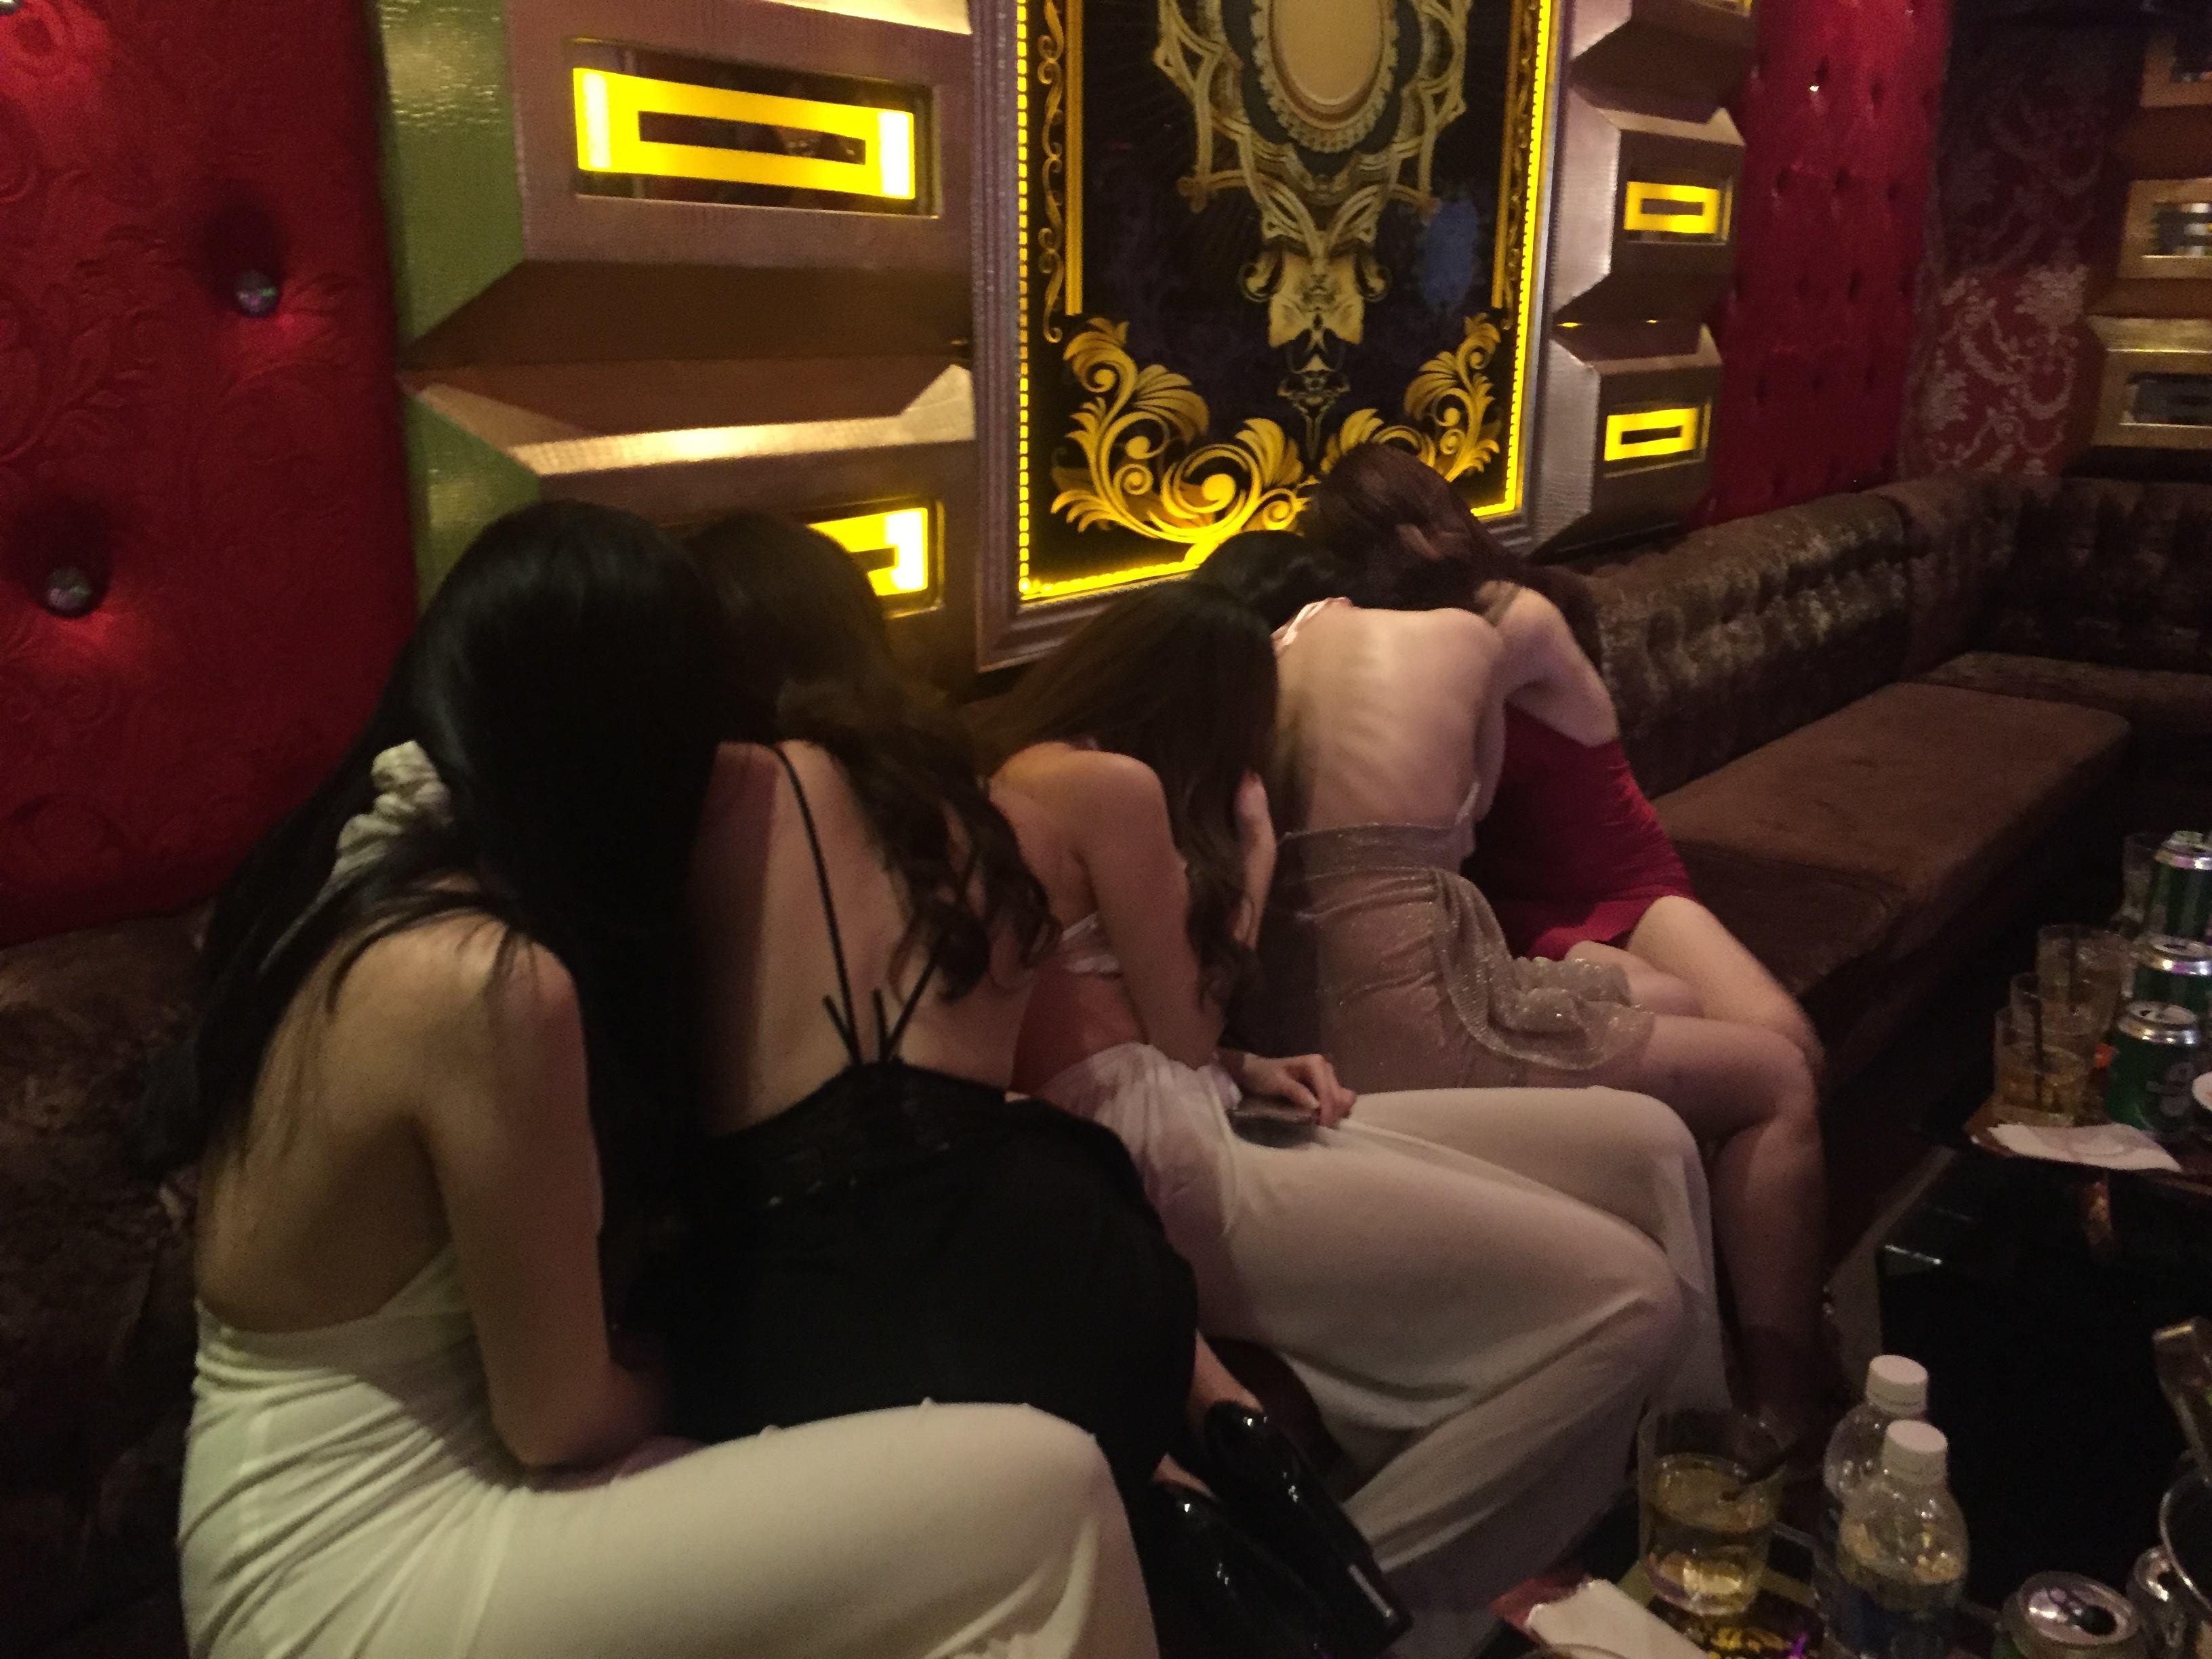 Đột kích 2 tụ điểm ăn chơi ở TP.HCM, phát hiện hàng chục nữ tiếp viên ăn mặc 'thiếu vải' đang phục vụ các quý ông